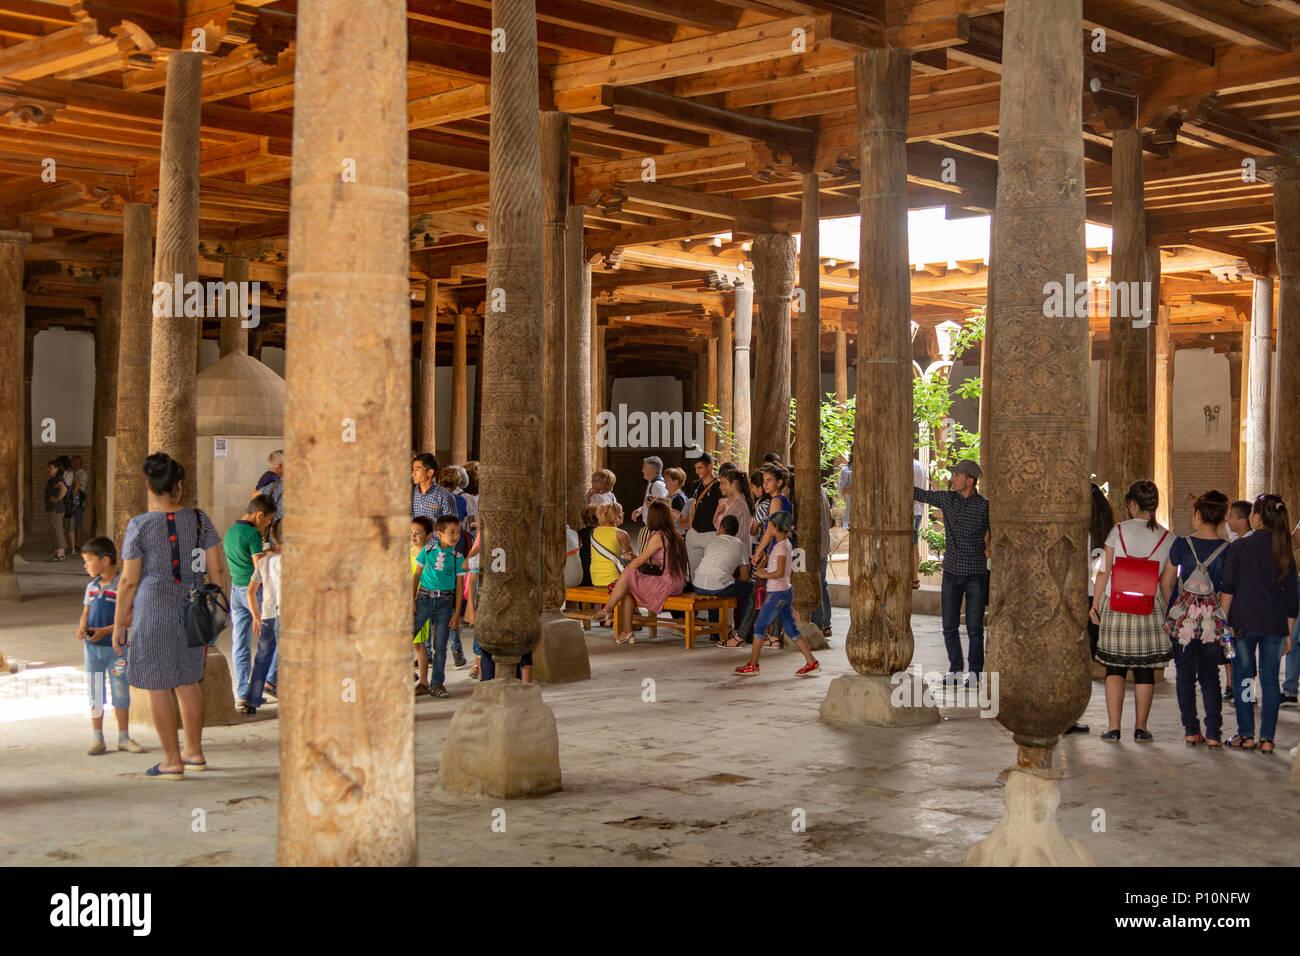 Inside Juma Mosque, Khiva, Uzbekistan - Stock Image